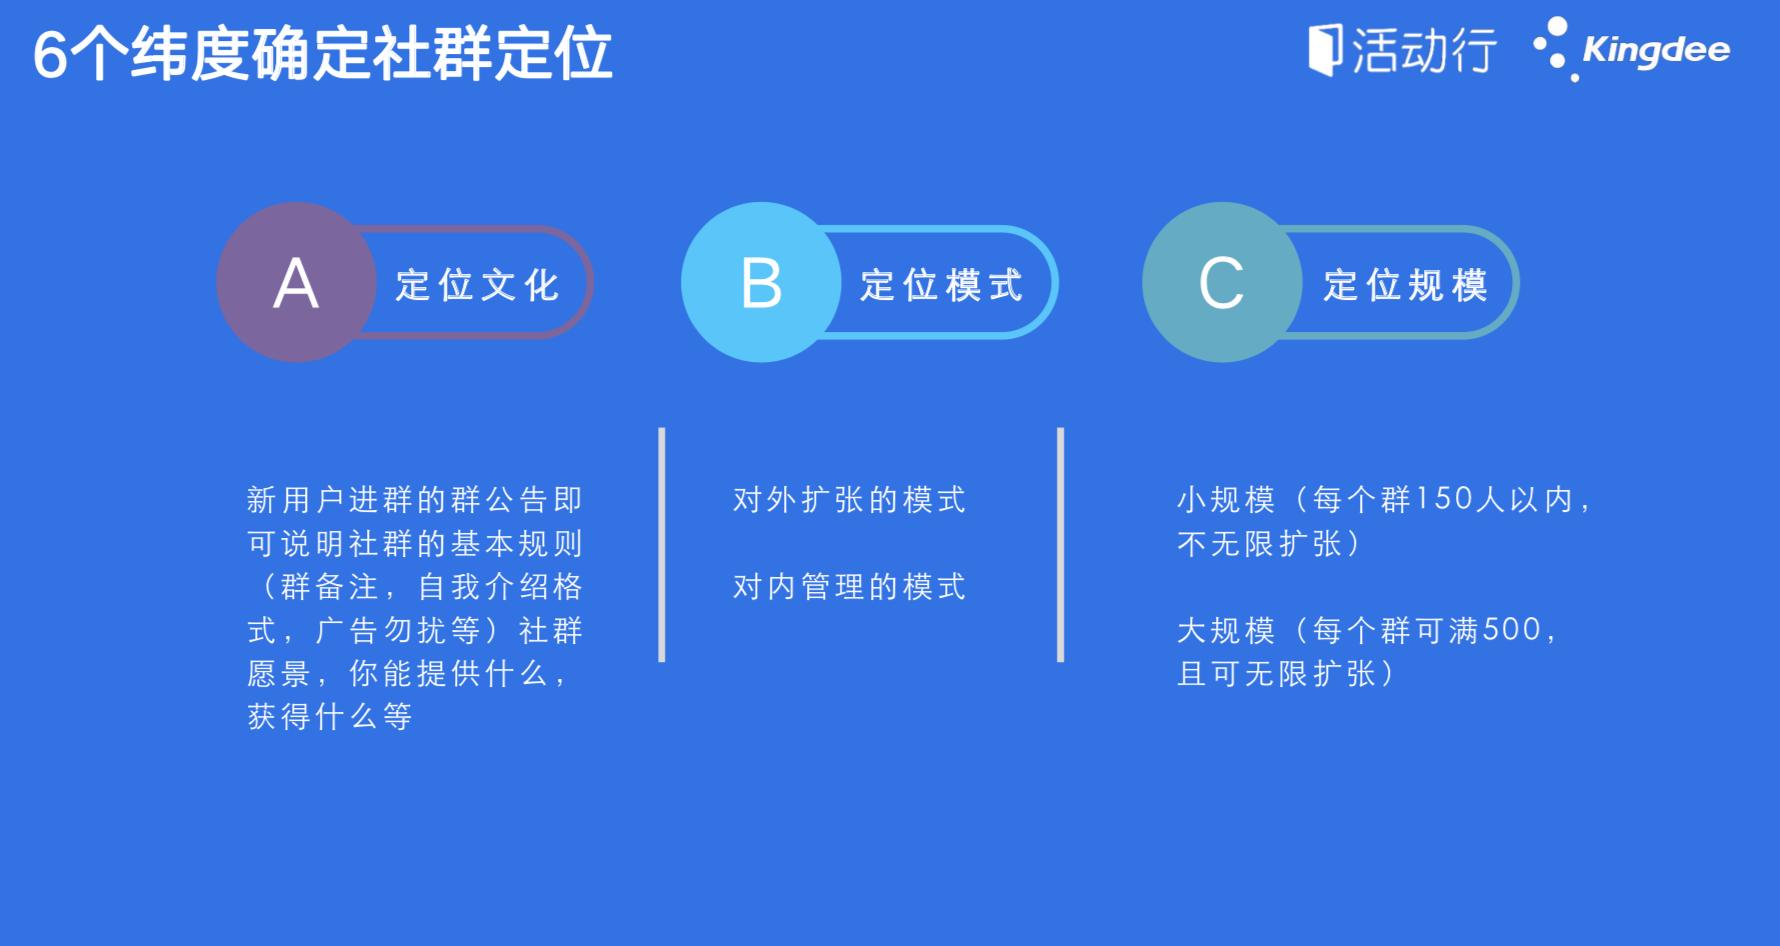 鸟哥笔记,用户运营,活动行,用户研究,用户运营,社群运营,转化